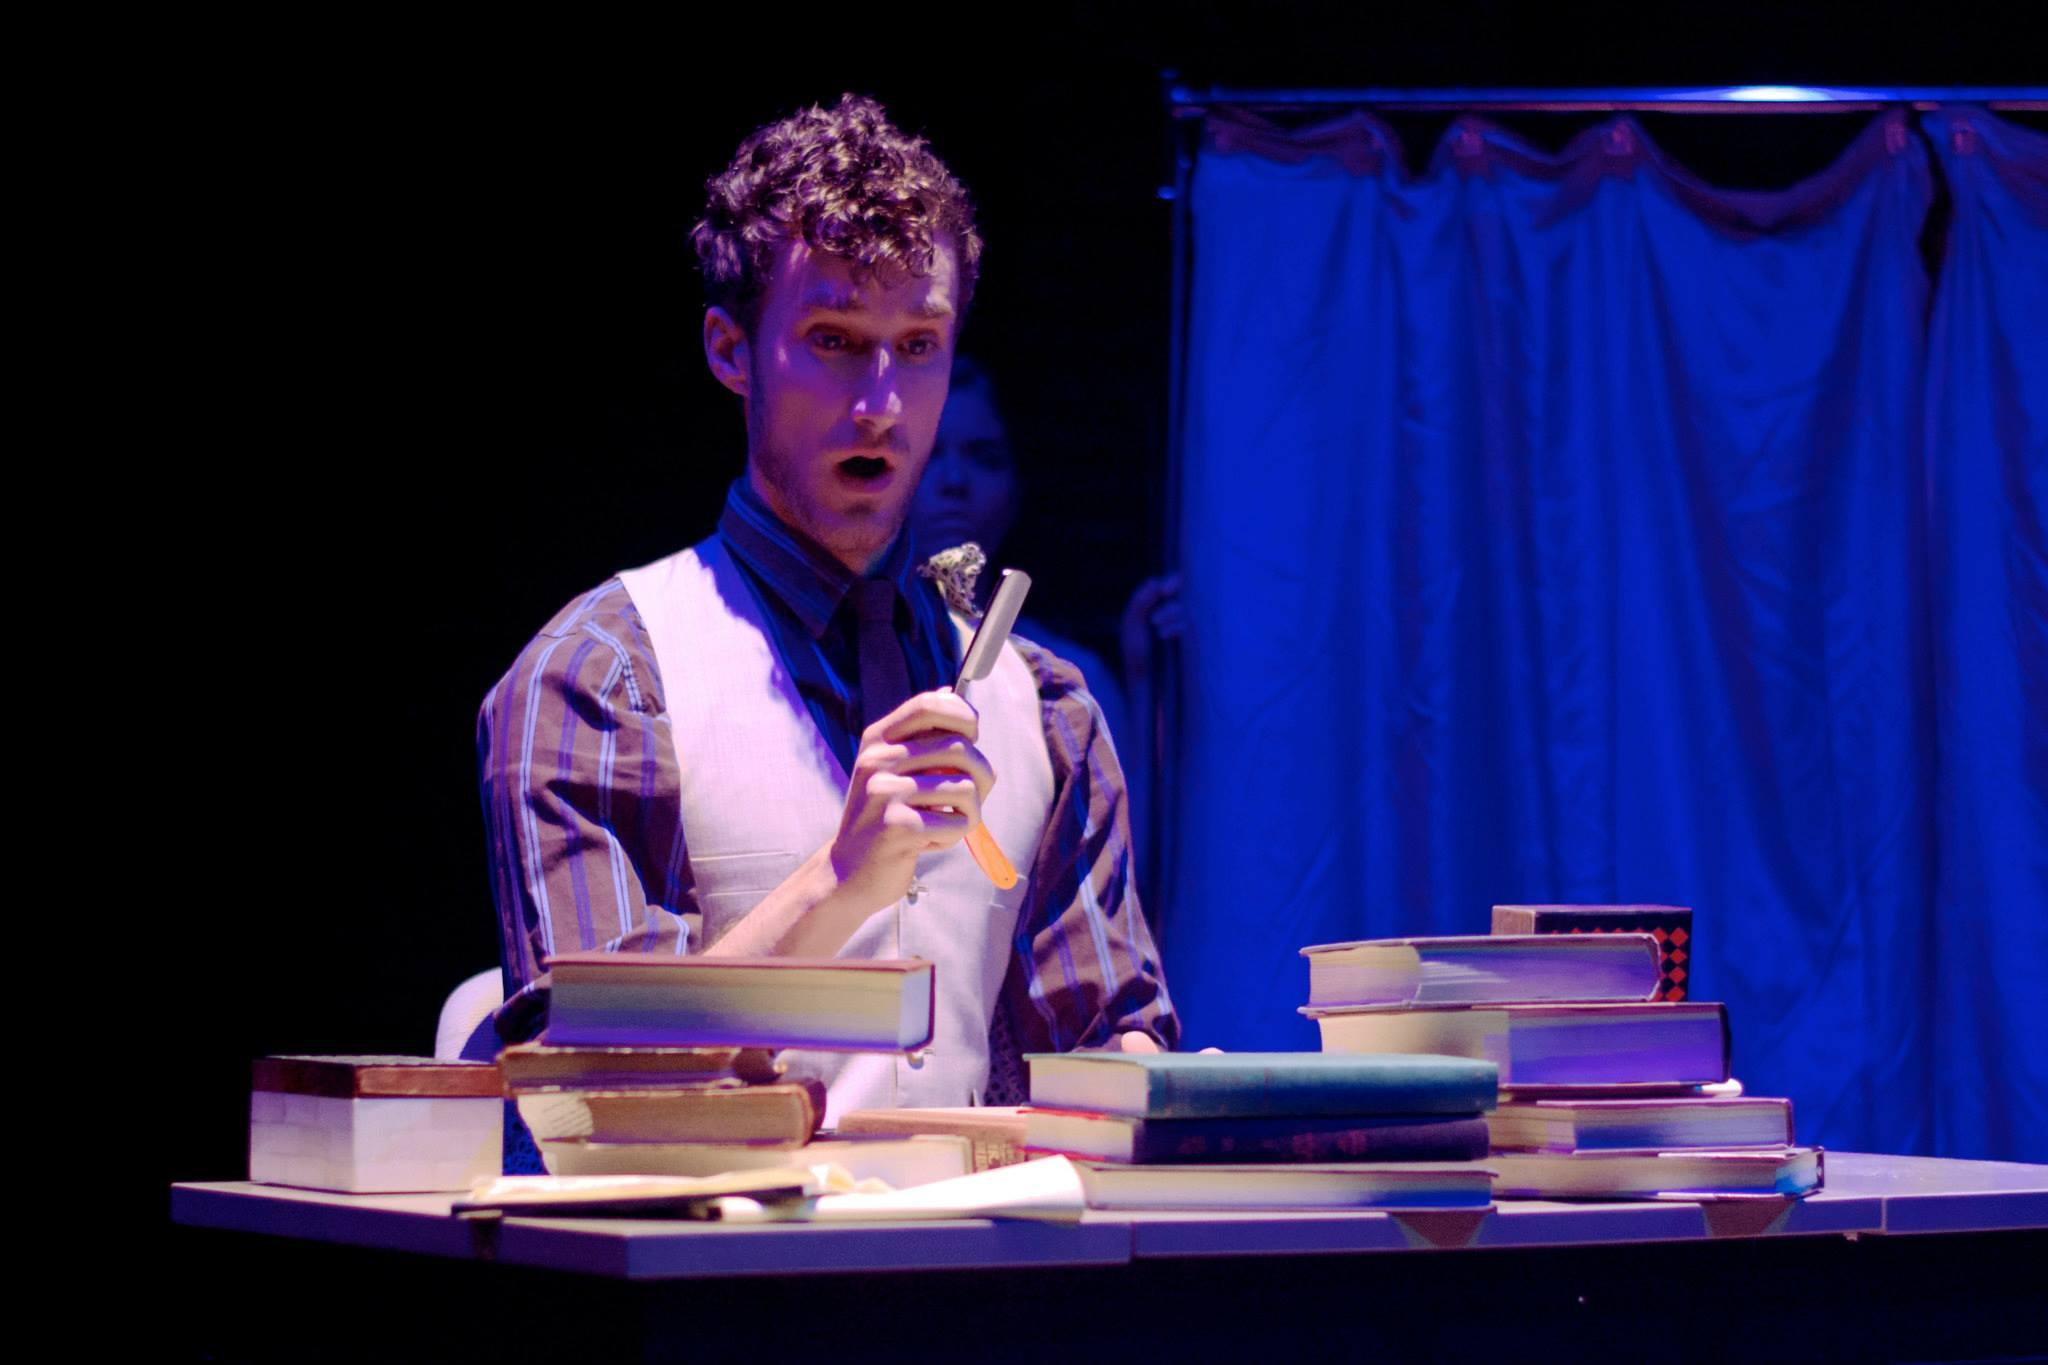 As Seneca in L'incoronazione di Poppea, with dell'Arte Opera Ensemble